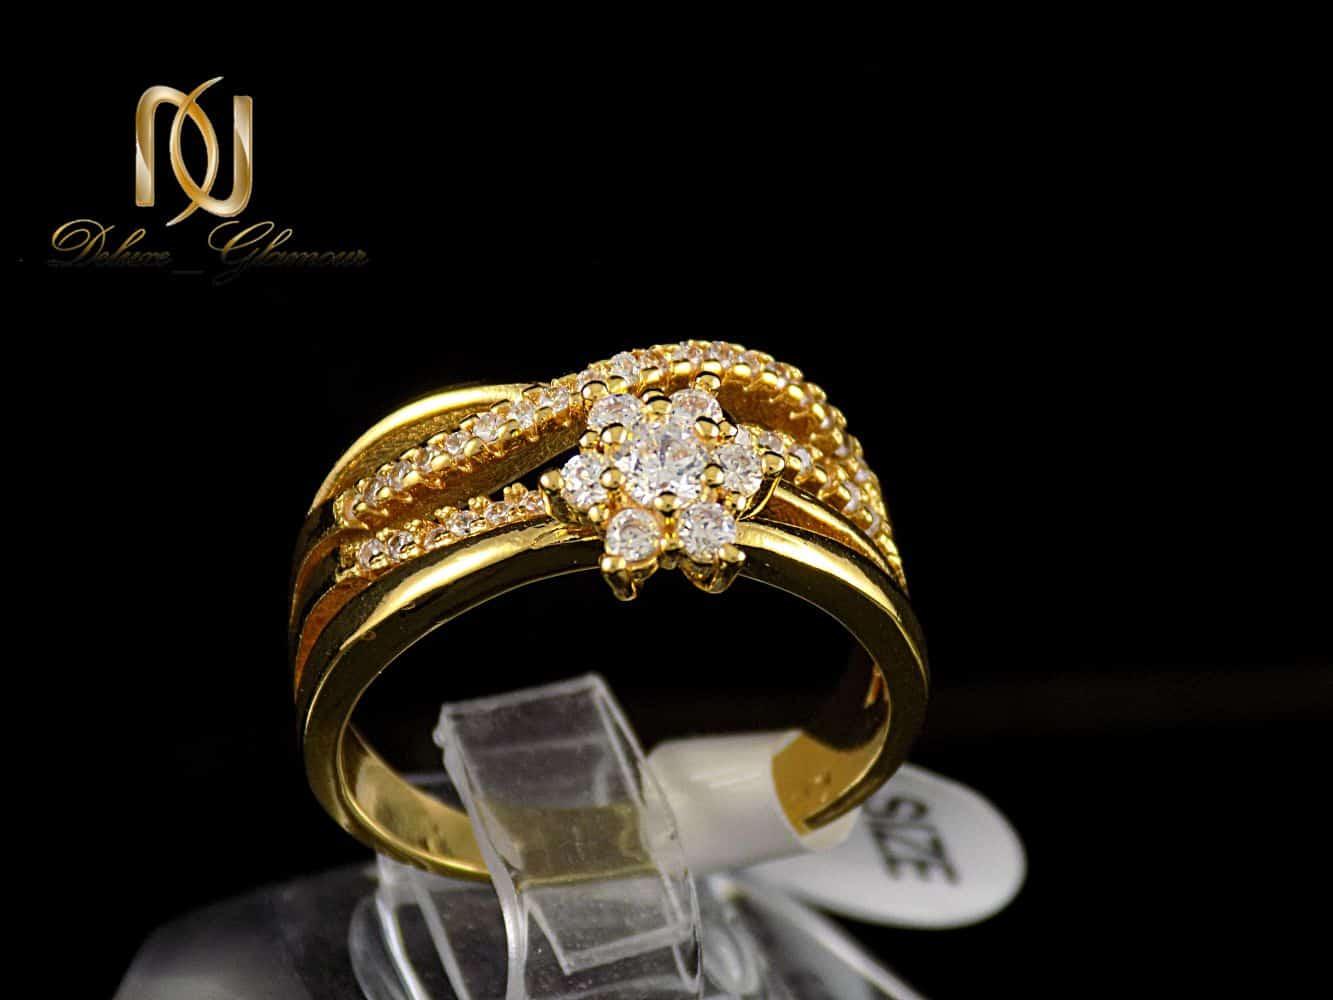 انگشتر زنانه استیل طرح تک نگین با روکش آب طلای 18 عیار RG-N174 از نمای مشکی